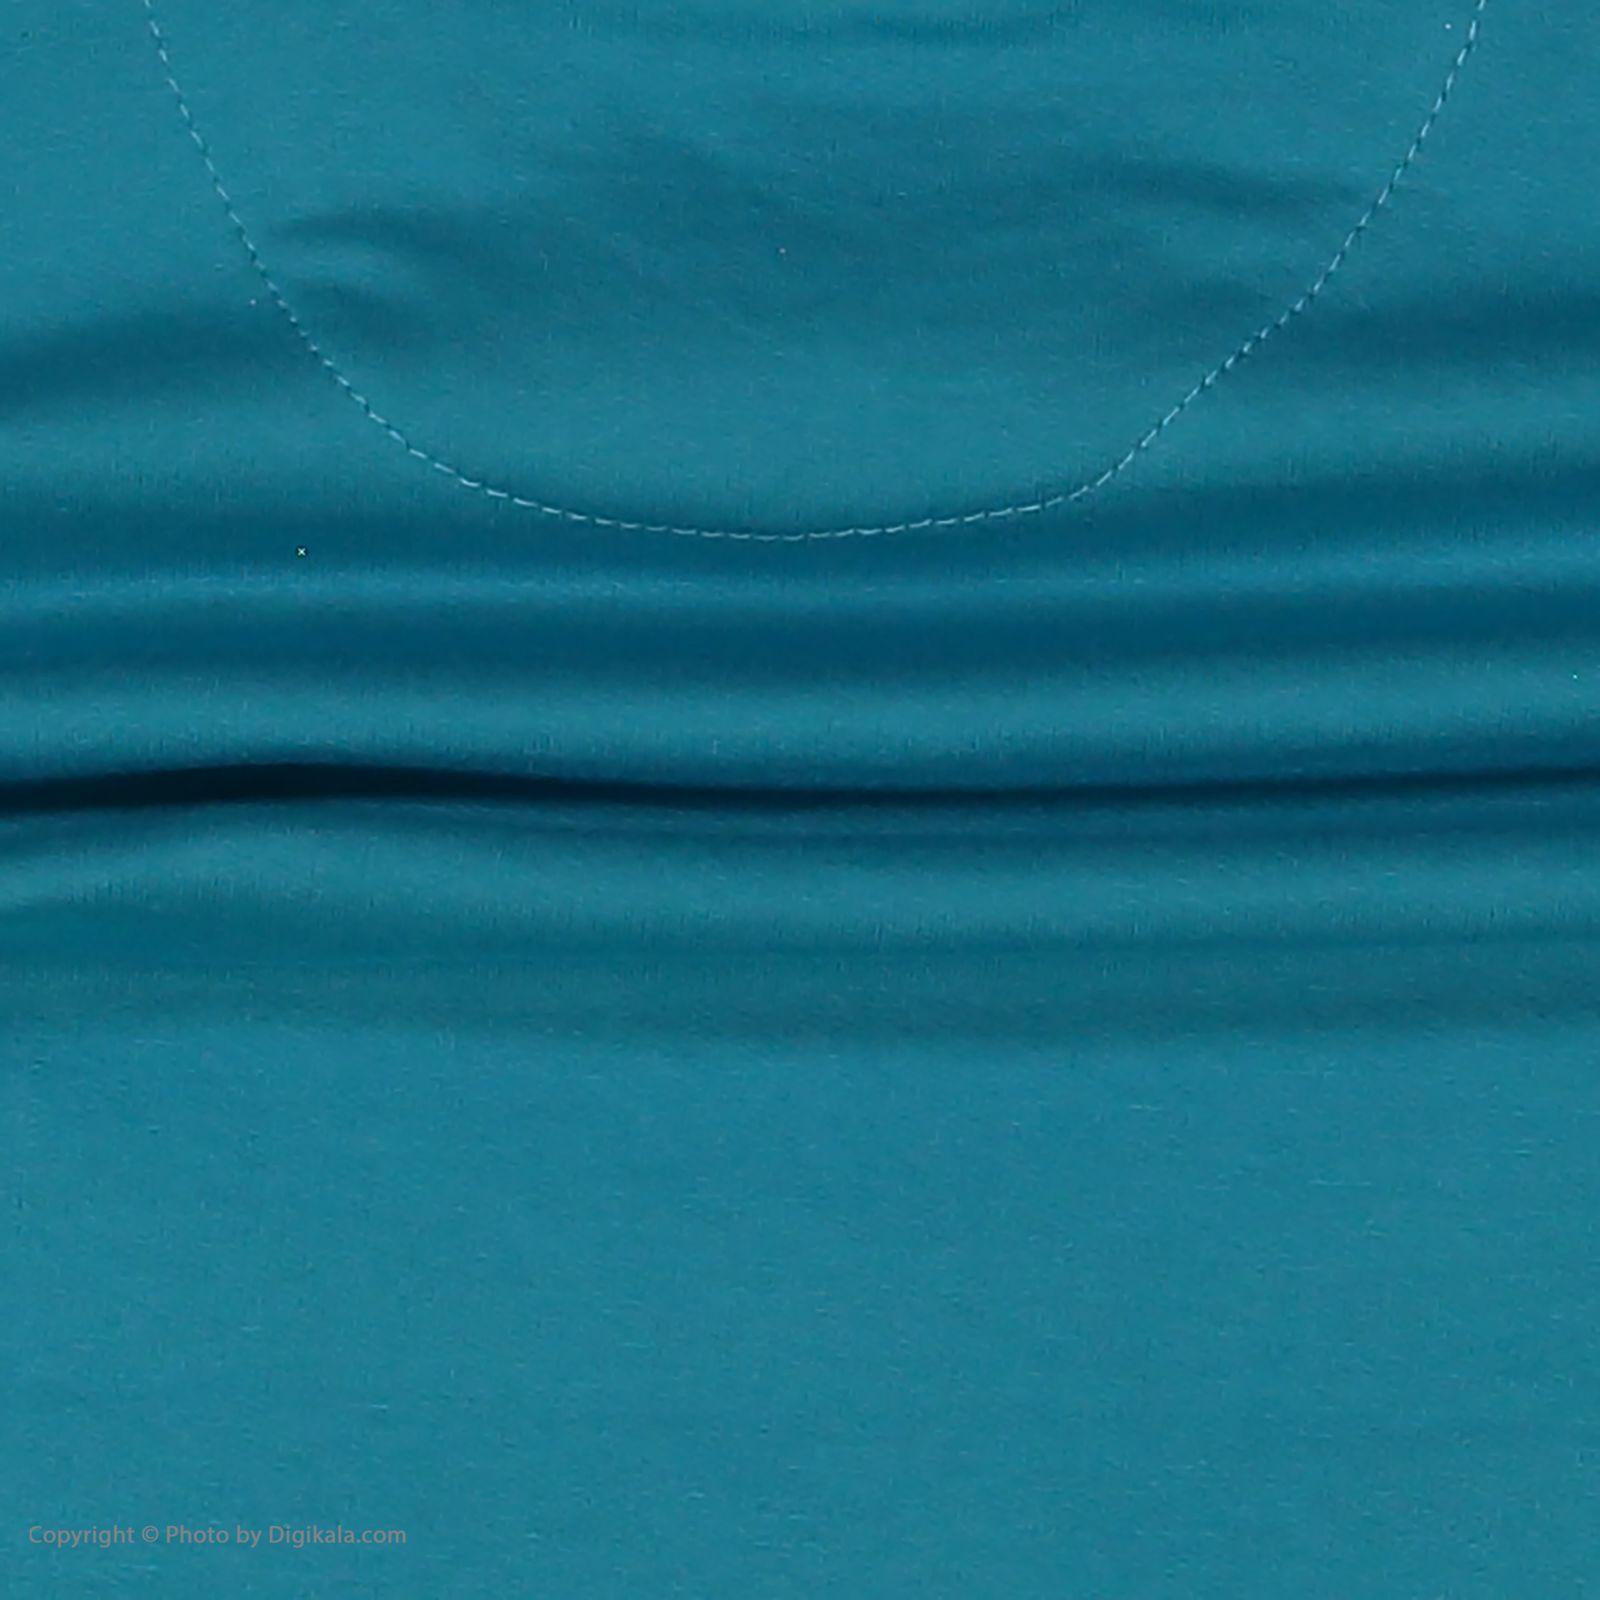 تی شرت پسرانه سون پون مدل 1391363-52 -  - 5